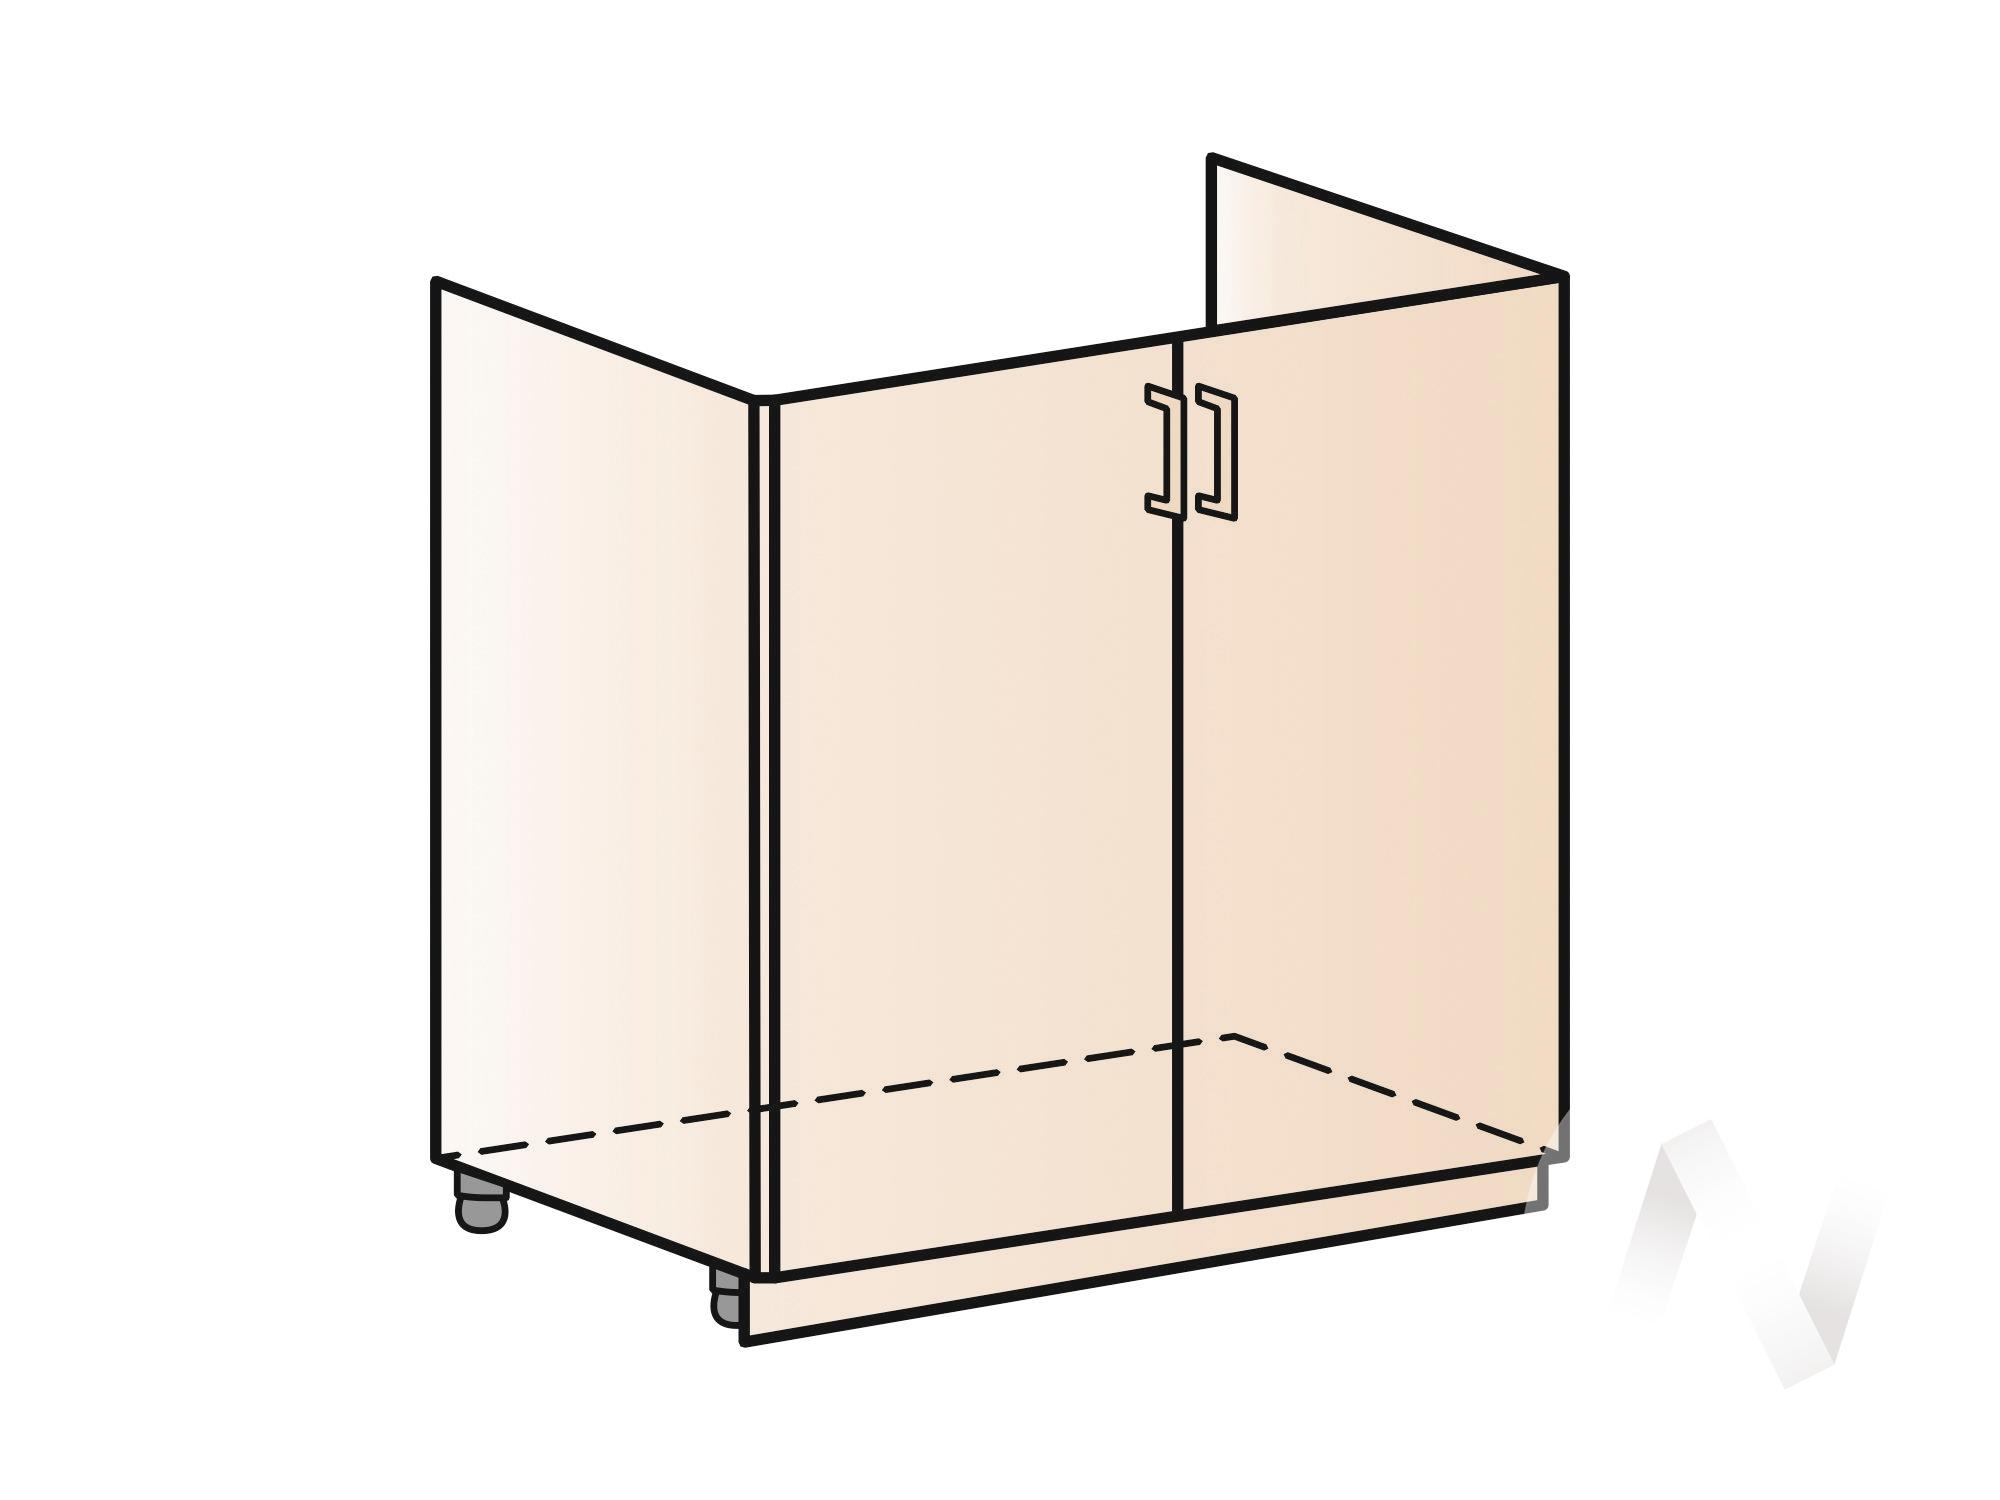 """Кухня """"Люкс"""": Шкаф нижний под мойку 800, ШНМ 800 (Шелк жемчуг/корпус венге) в Томске — авторская мебель Экостиль"""